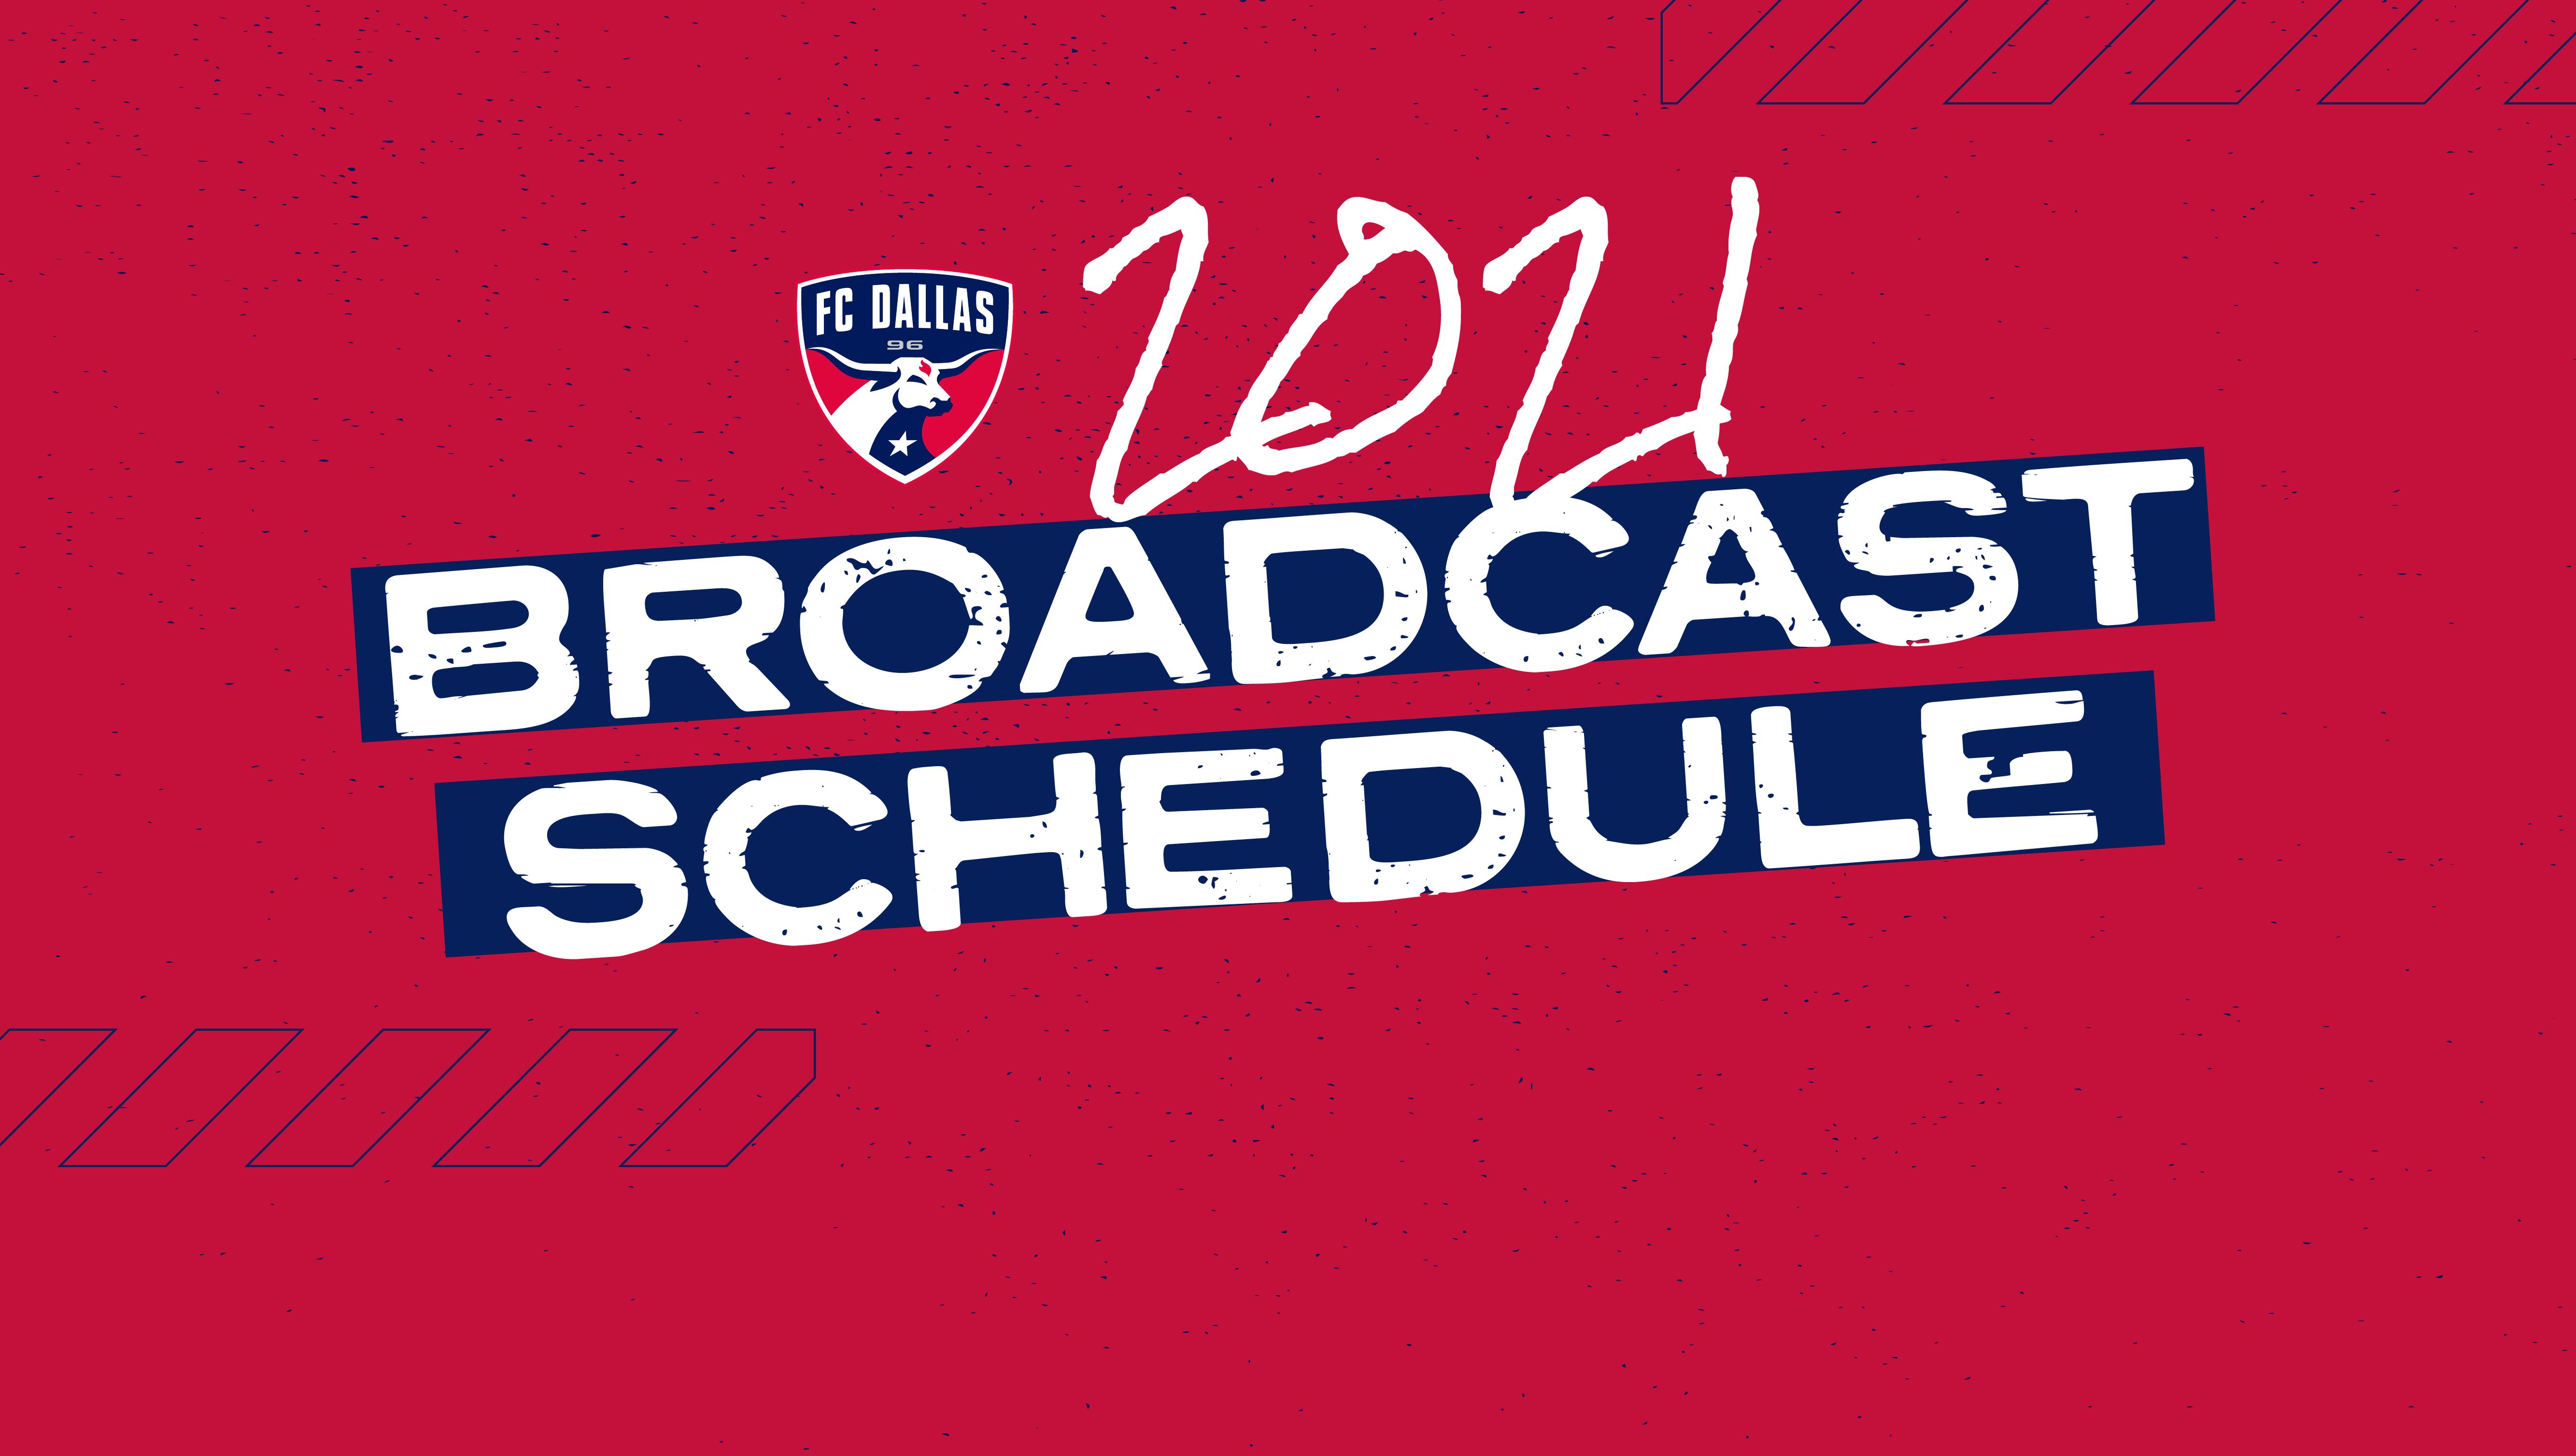 FC Dallas Returns To TXA 21 in 2021 |  FC Dallas